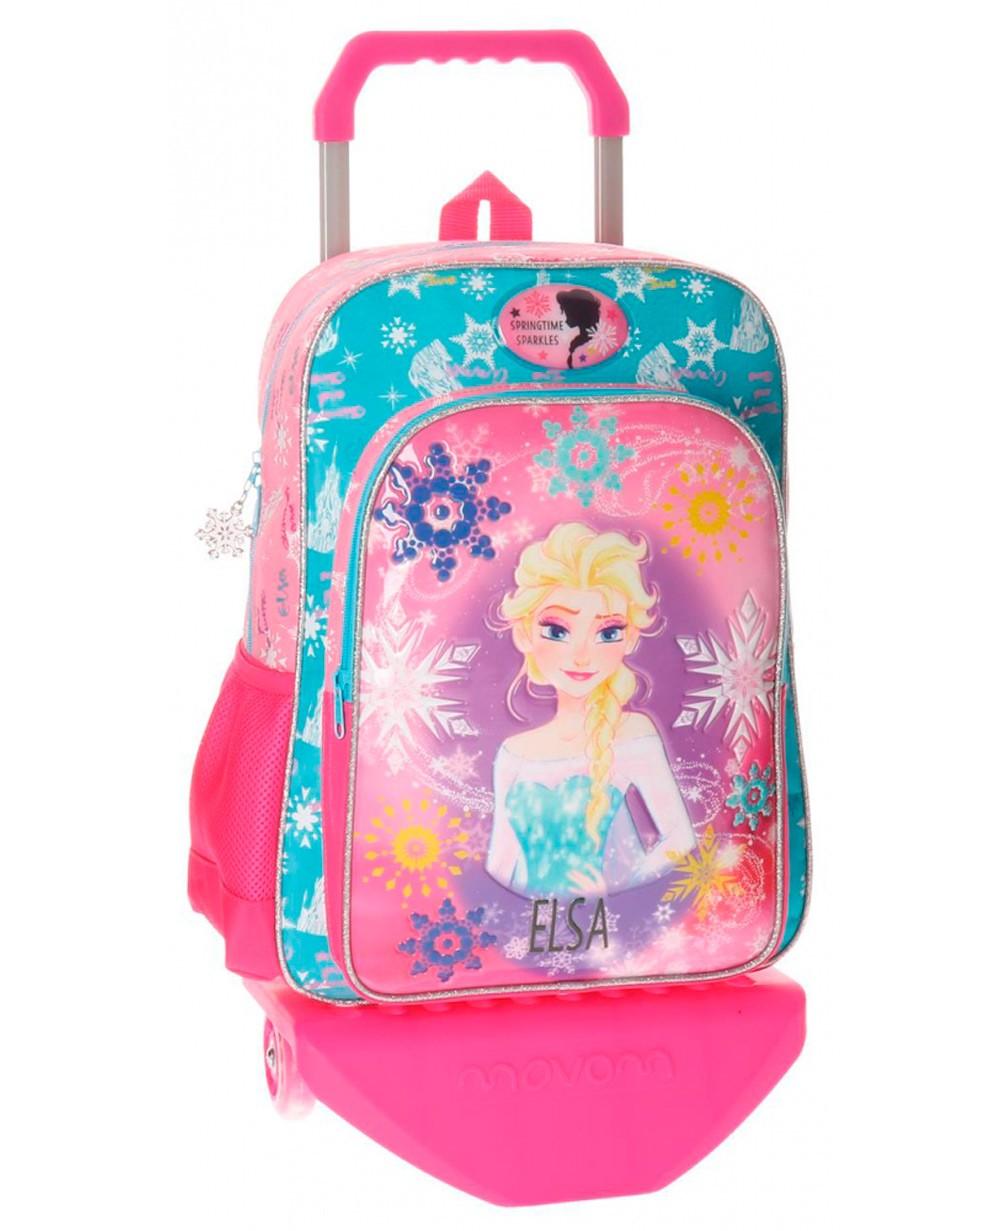 Frozen Elsa mochila con carro Rosa (Foto )